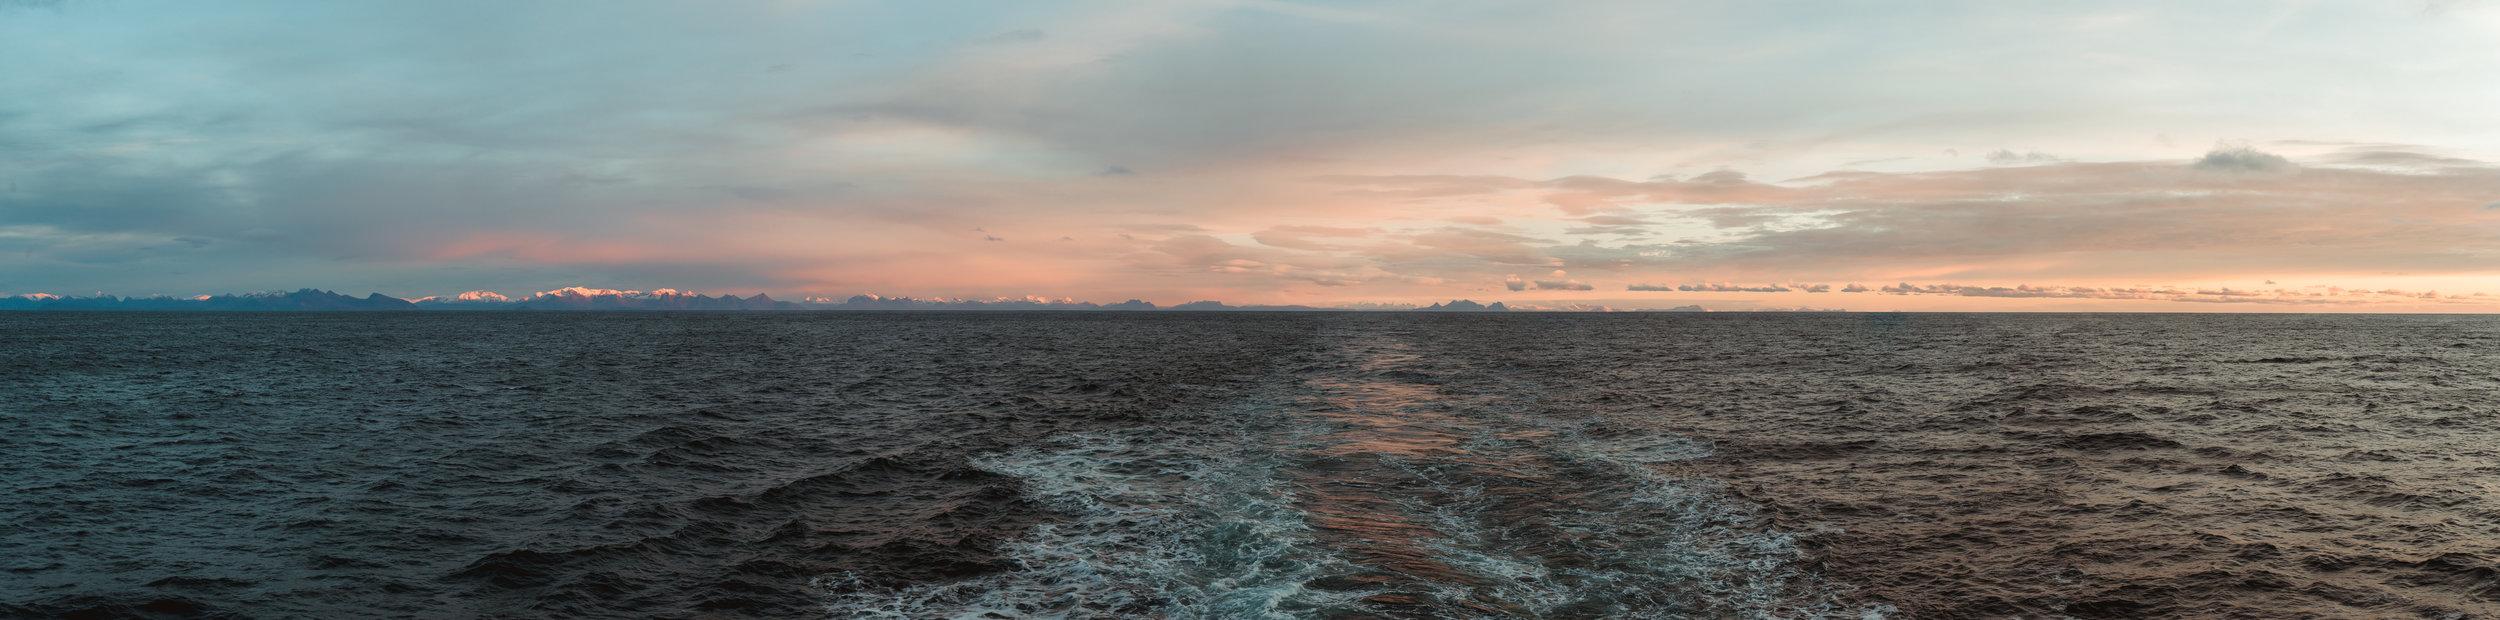 Vista desde el crucero Hurtigruten de Bodø a Lofoten.